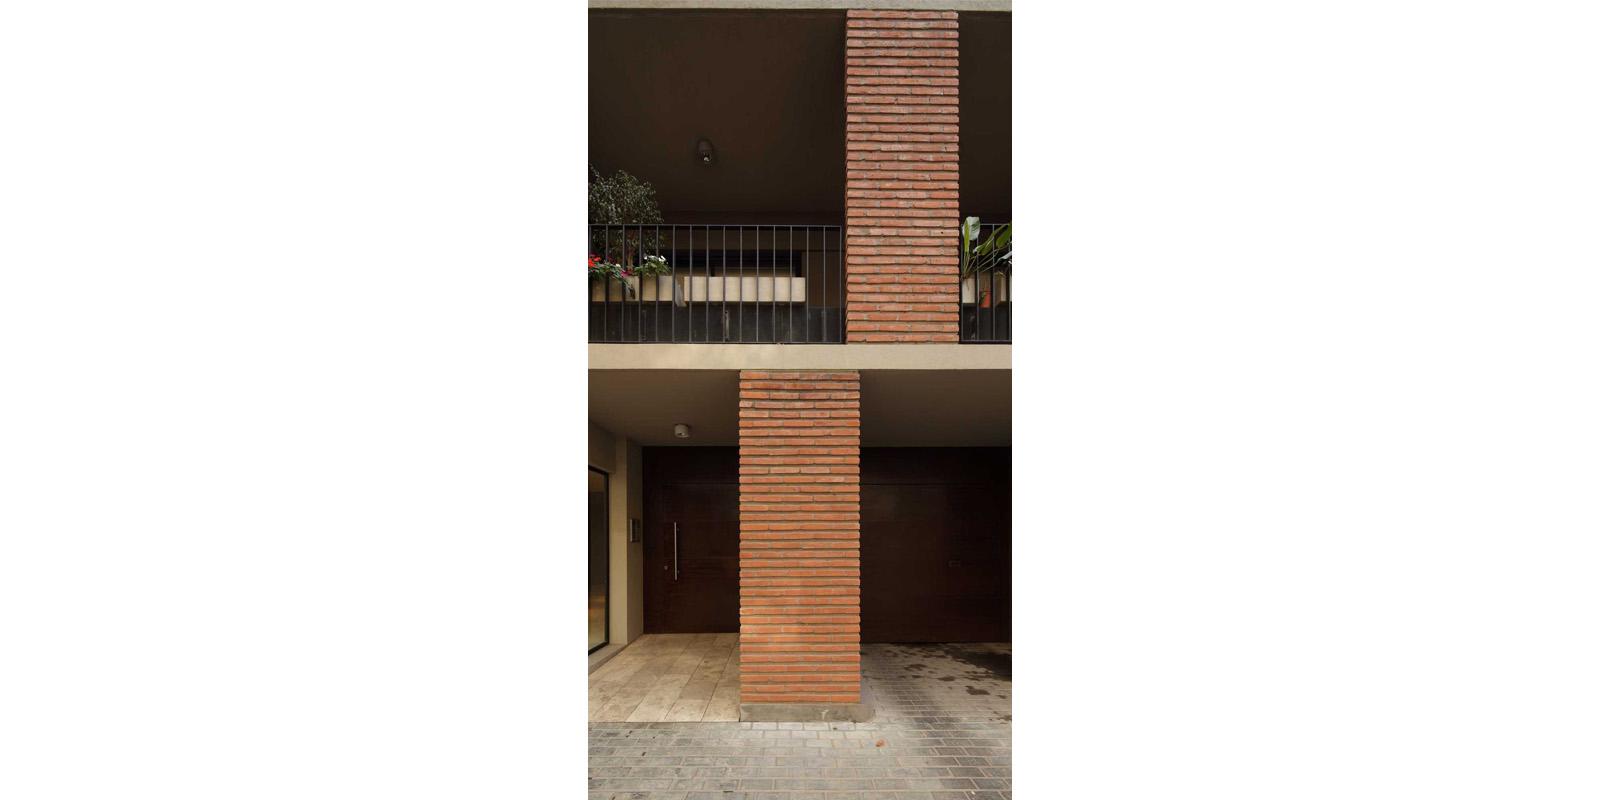 ProyectoC_Arquitectos_Portfolio_04_Vergara